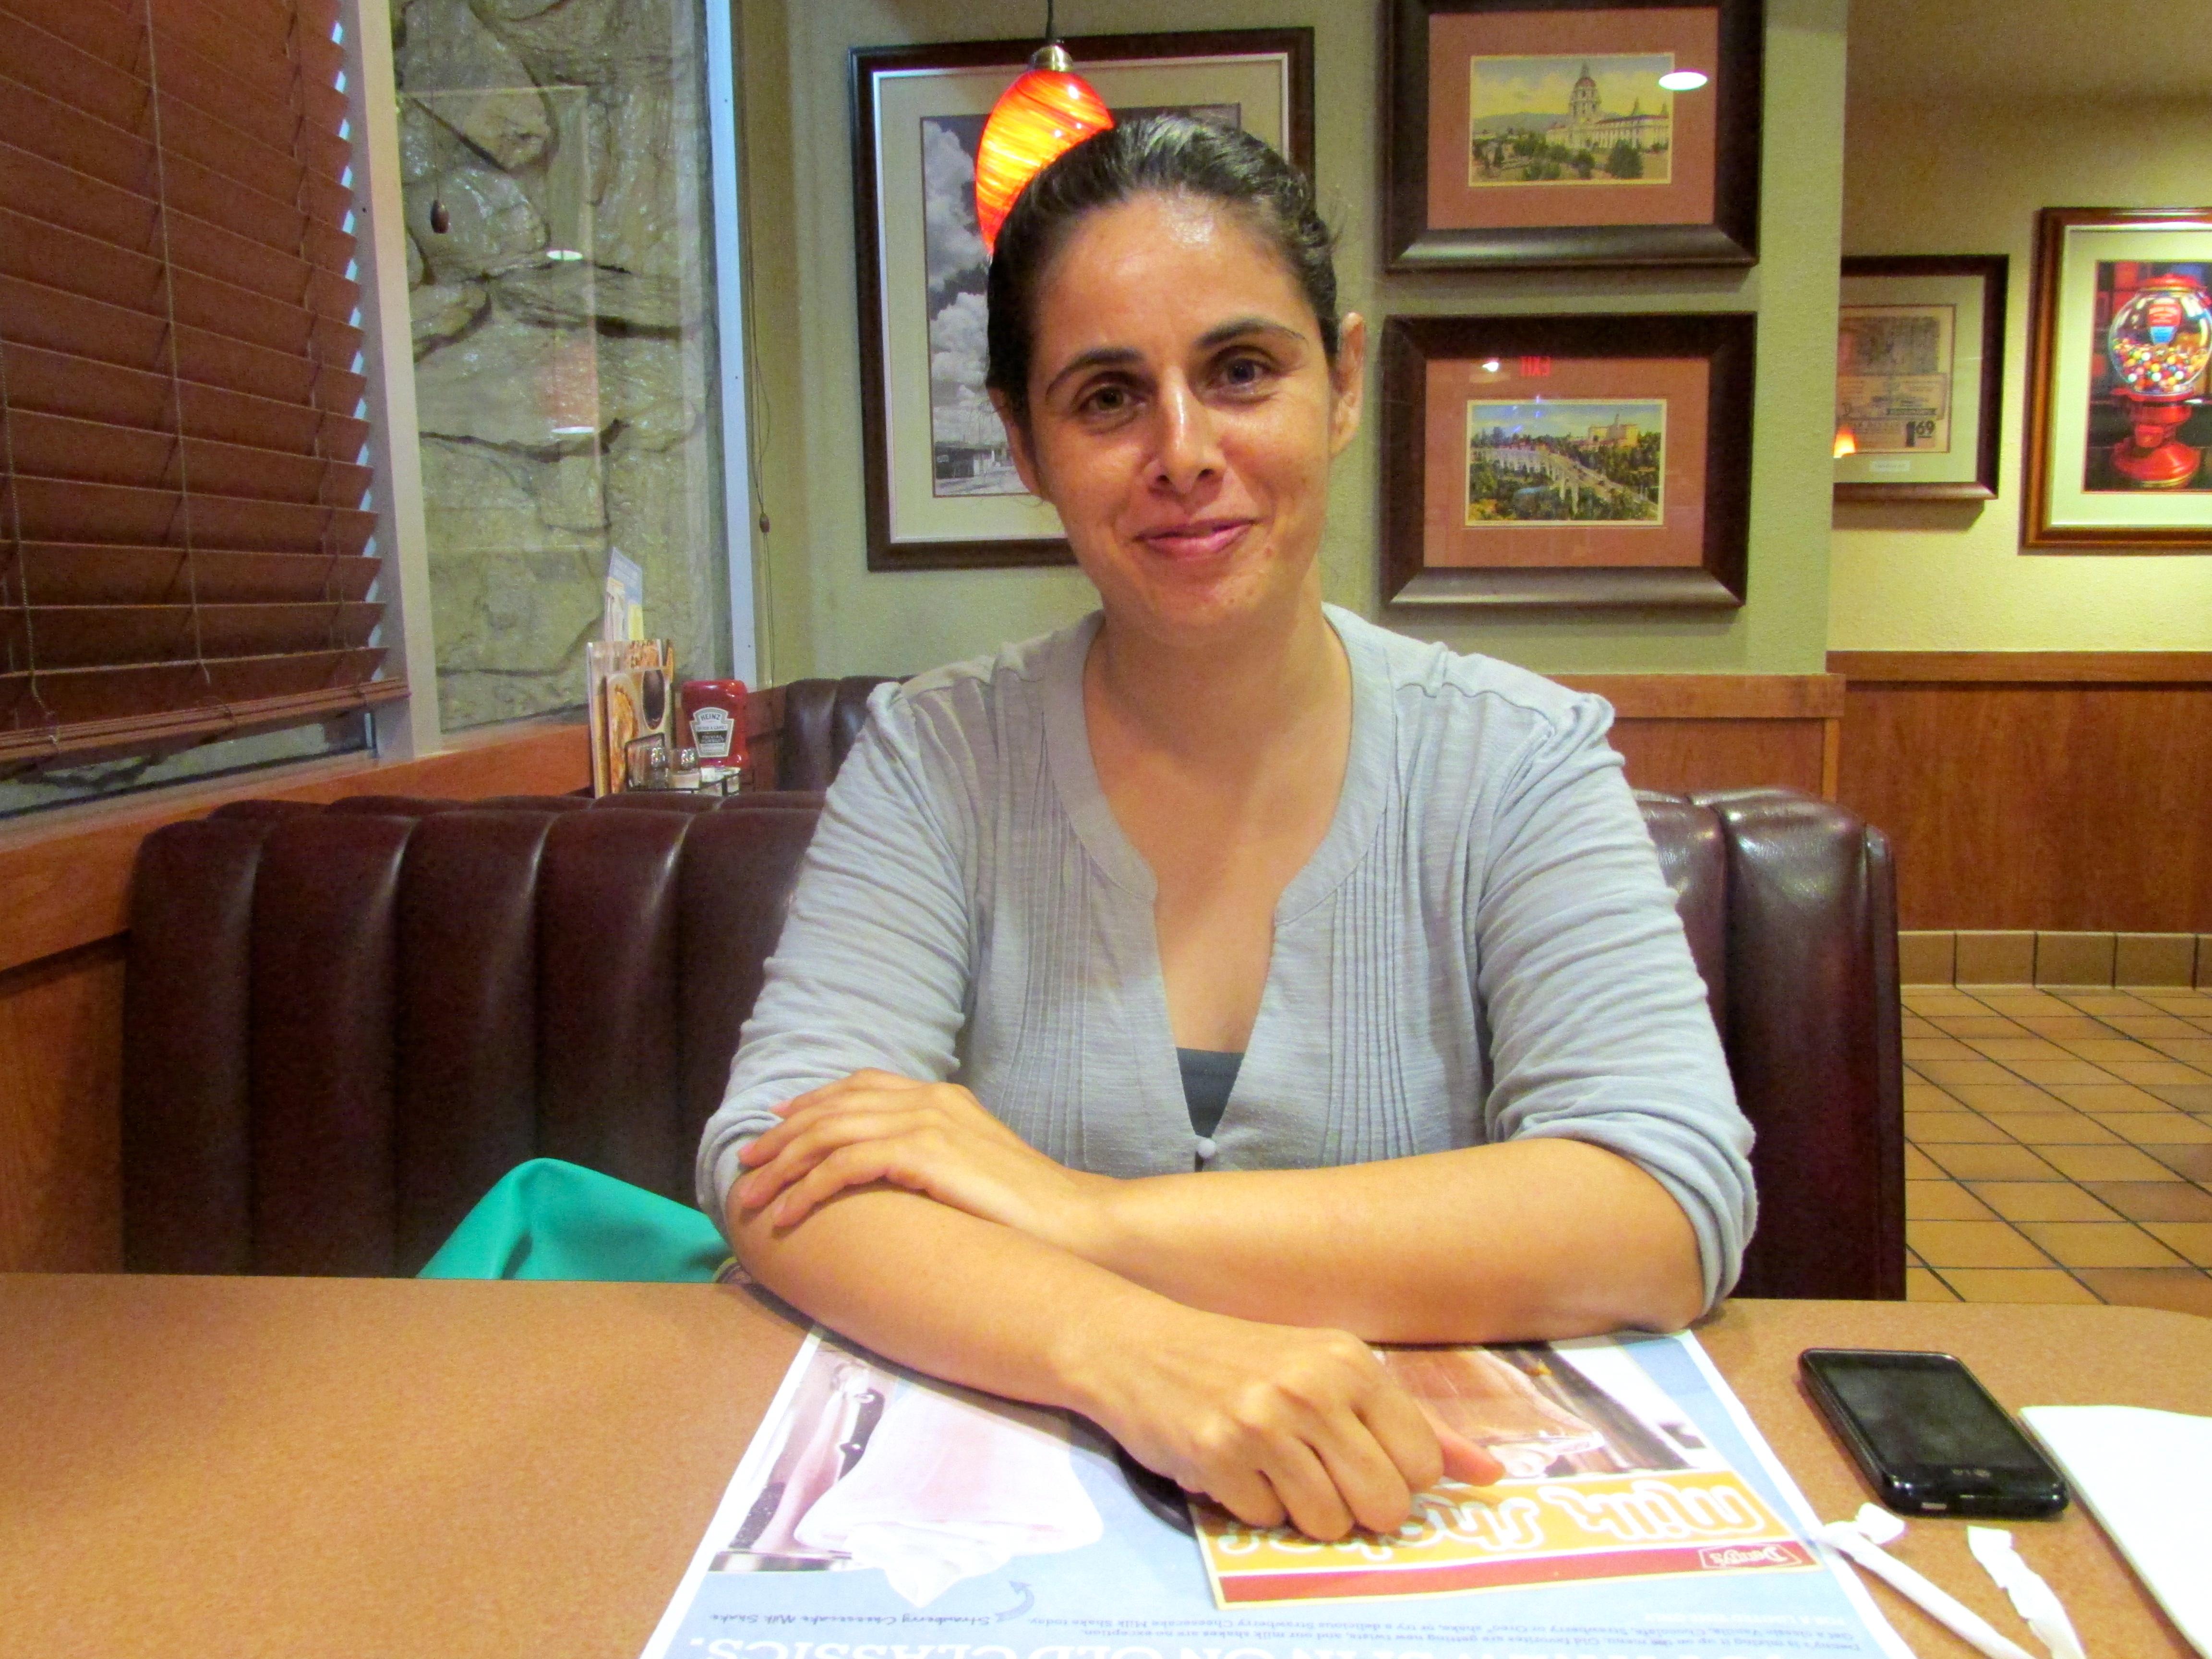 Maricela Guzmán, veterana que antes vivió en su auto